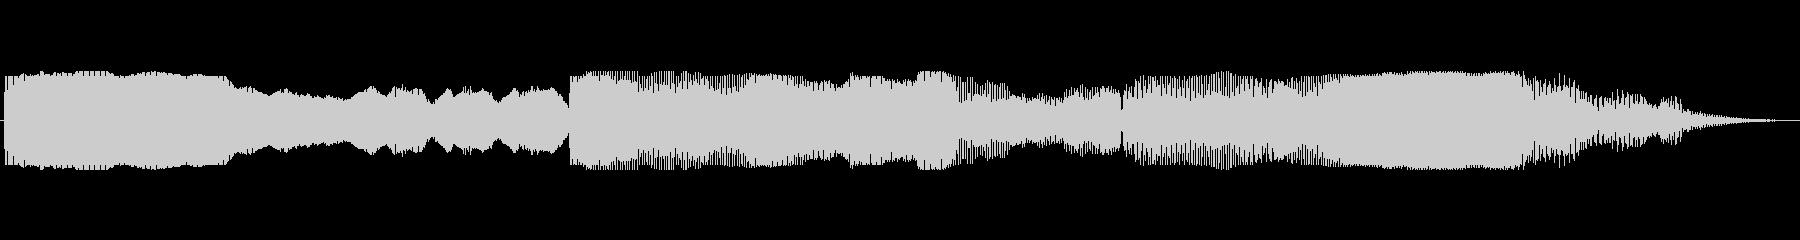 ダークドリームドローンの未再生の波形